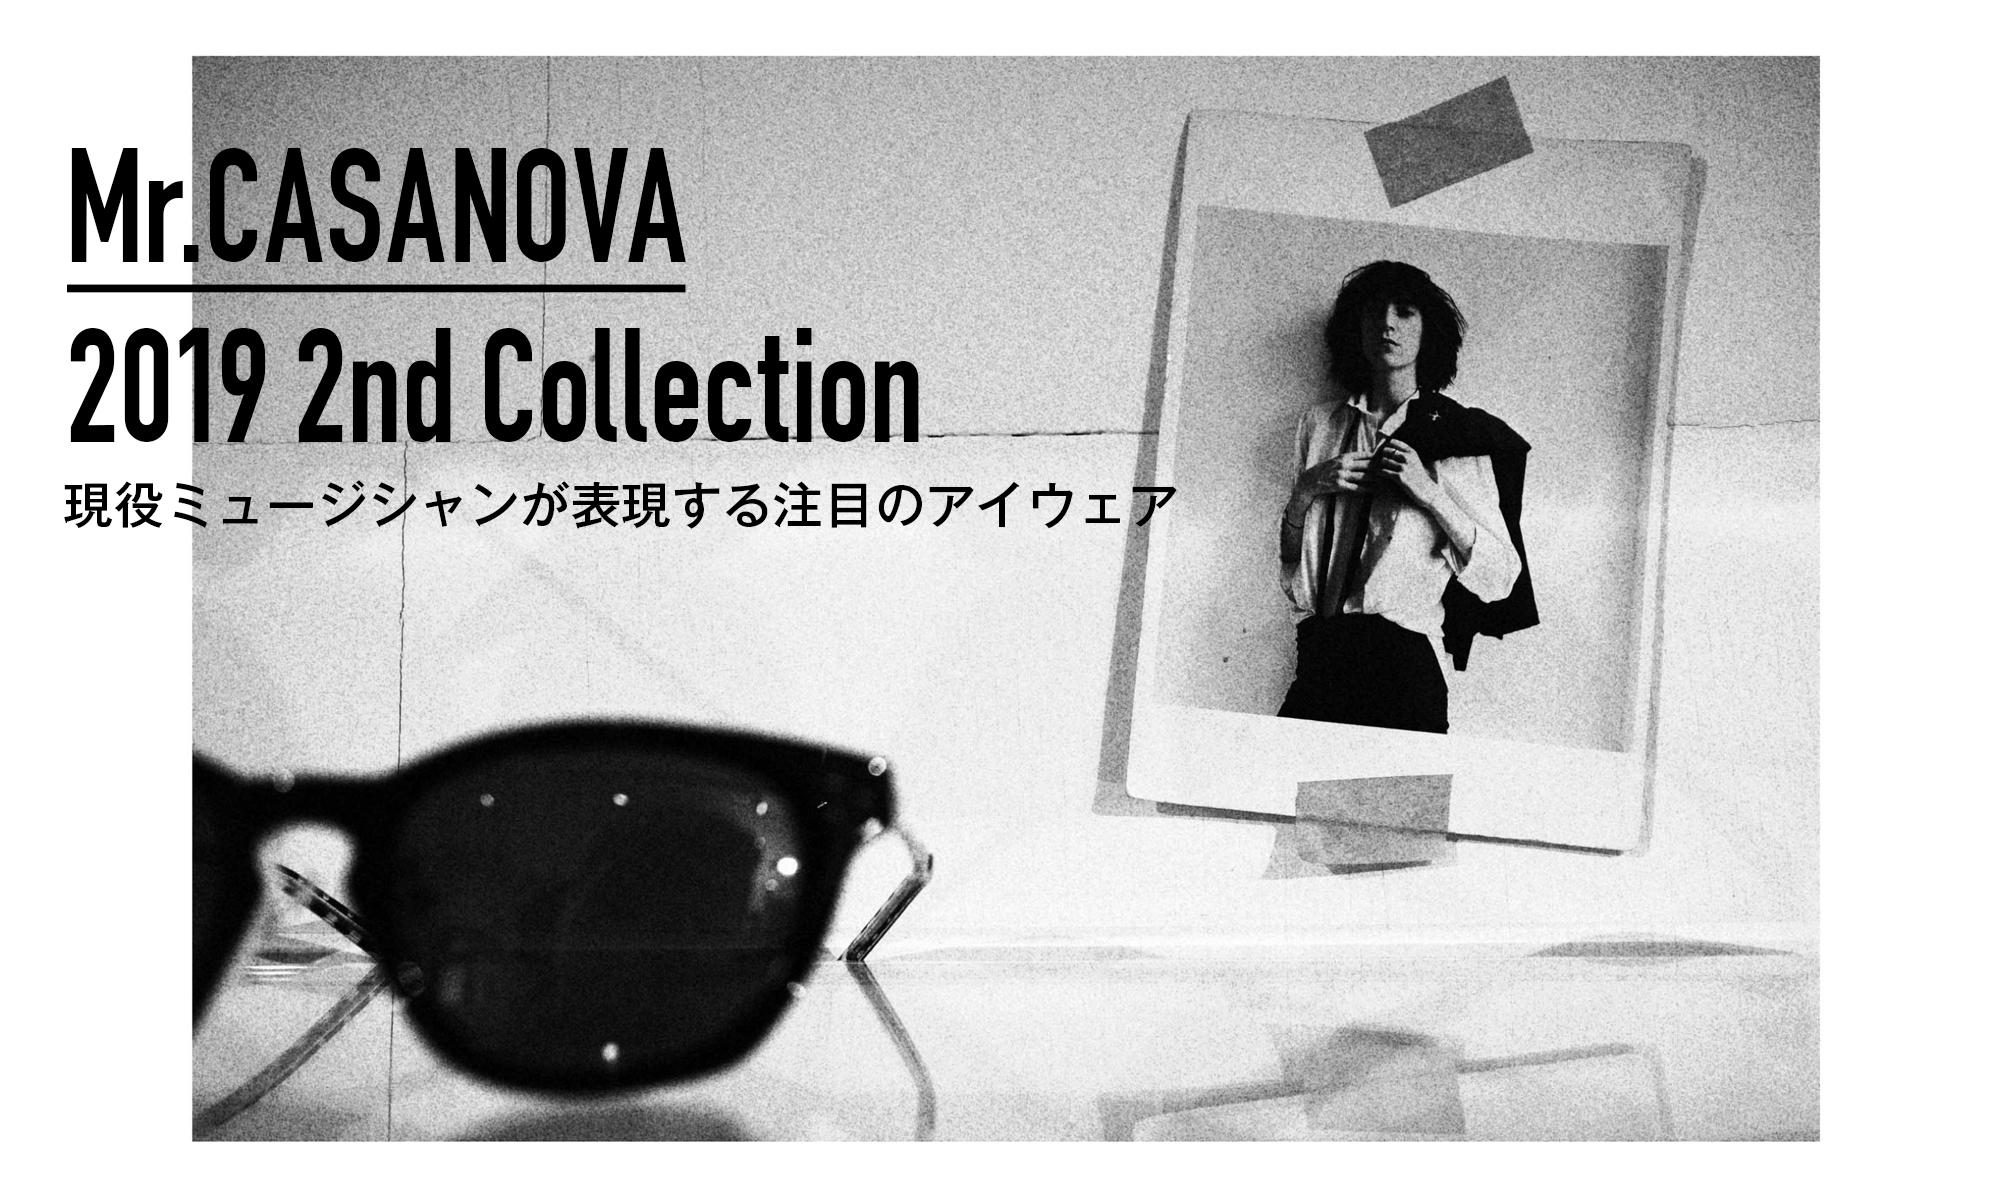 現役ミュージシャンが表現する注目のアイウェア -Mr.CASANOVA 2019 2nd Collection-